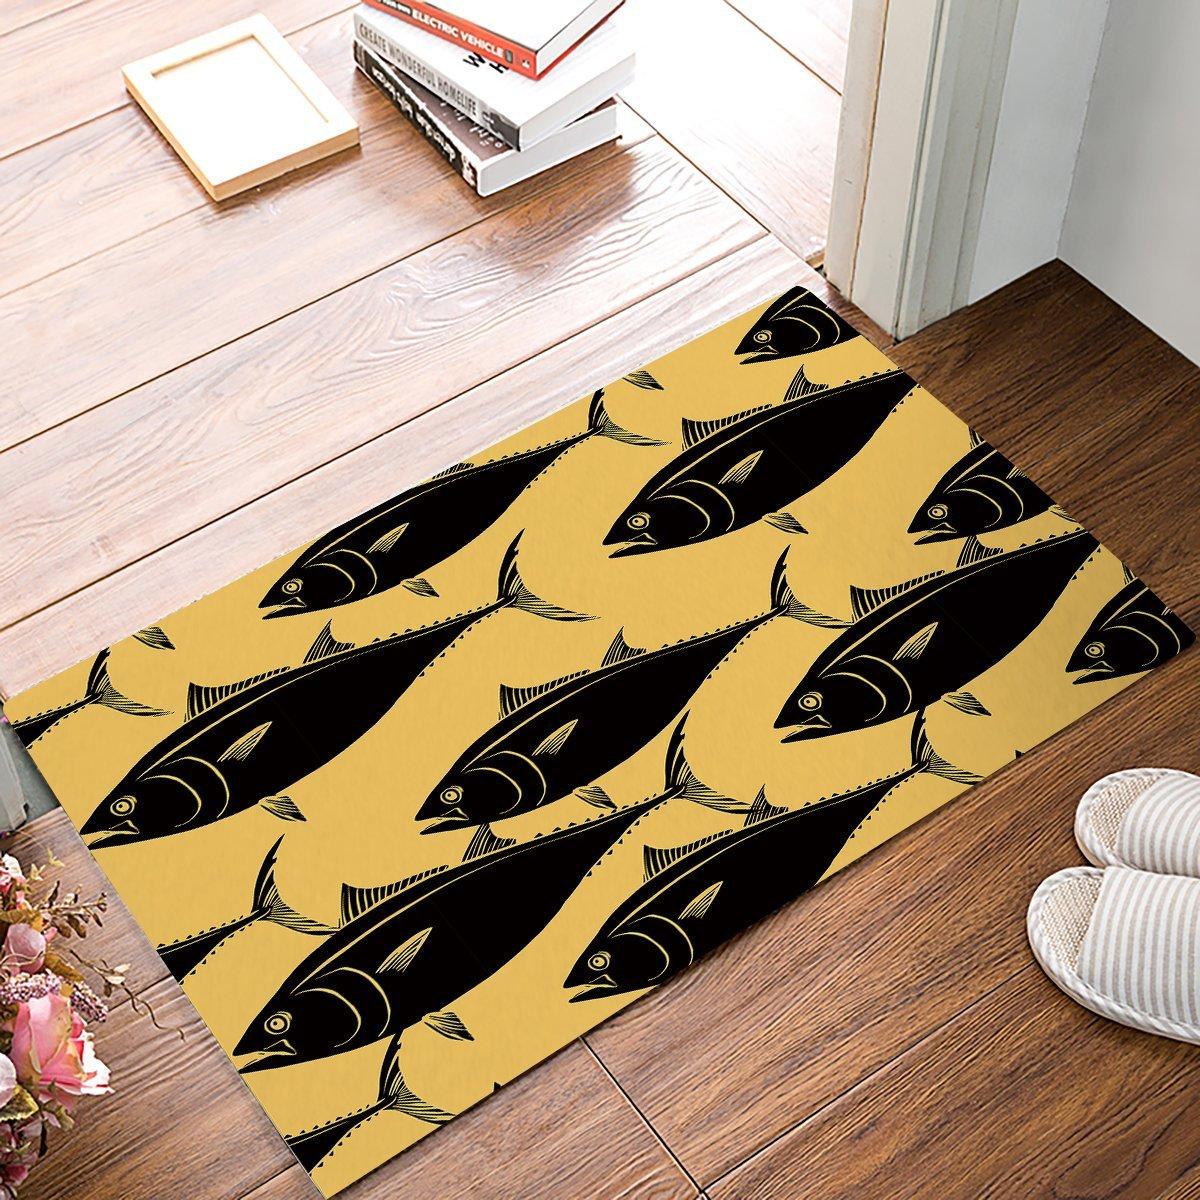 Yellow Background Black Fish Door Mats Kitchen Floor Bath Entrance Rug Mat Absorbent Indoor Bathroom Decor Doormats Rubber